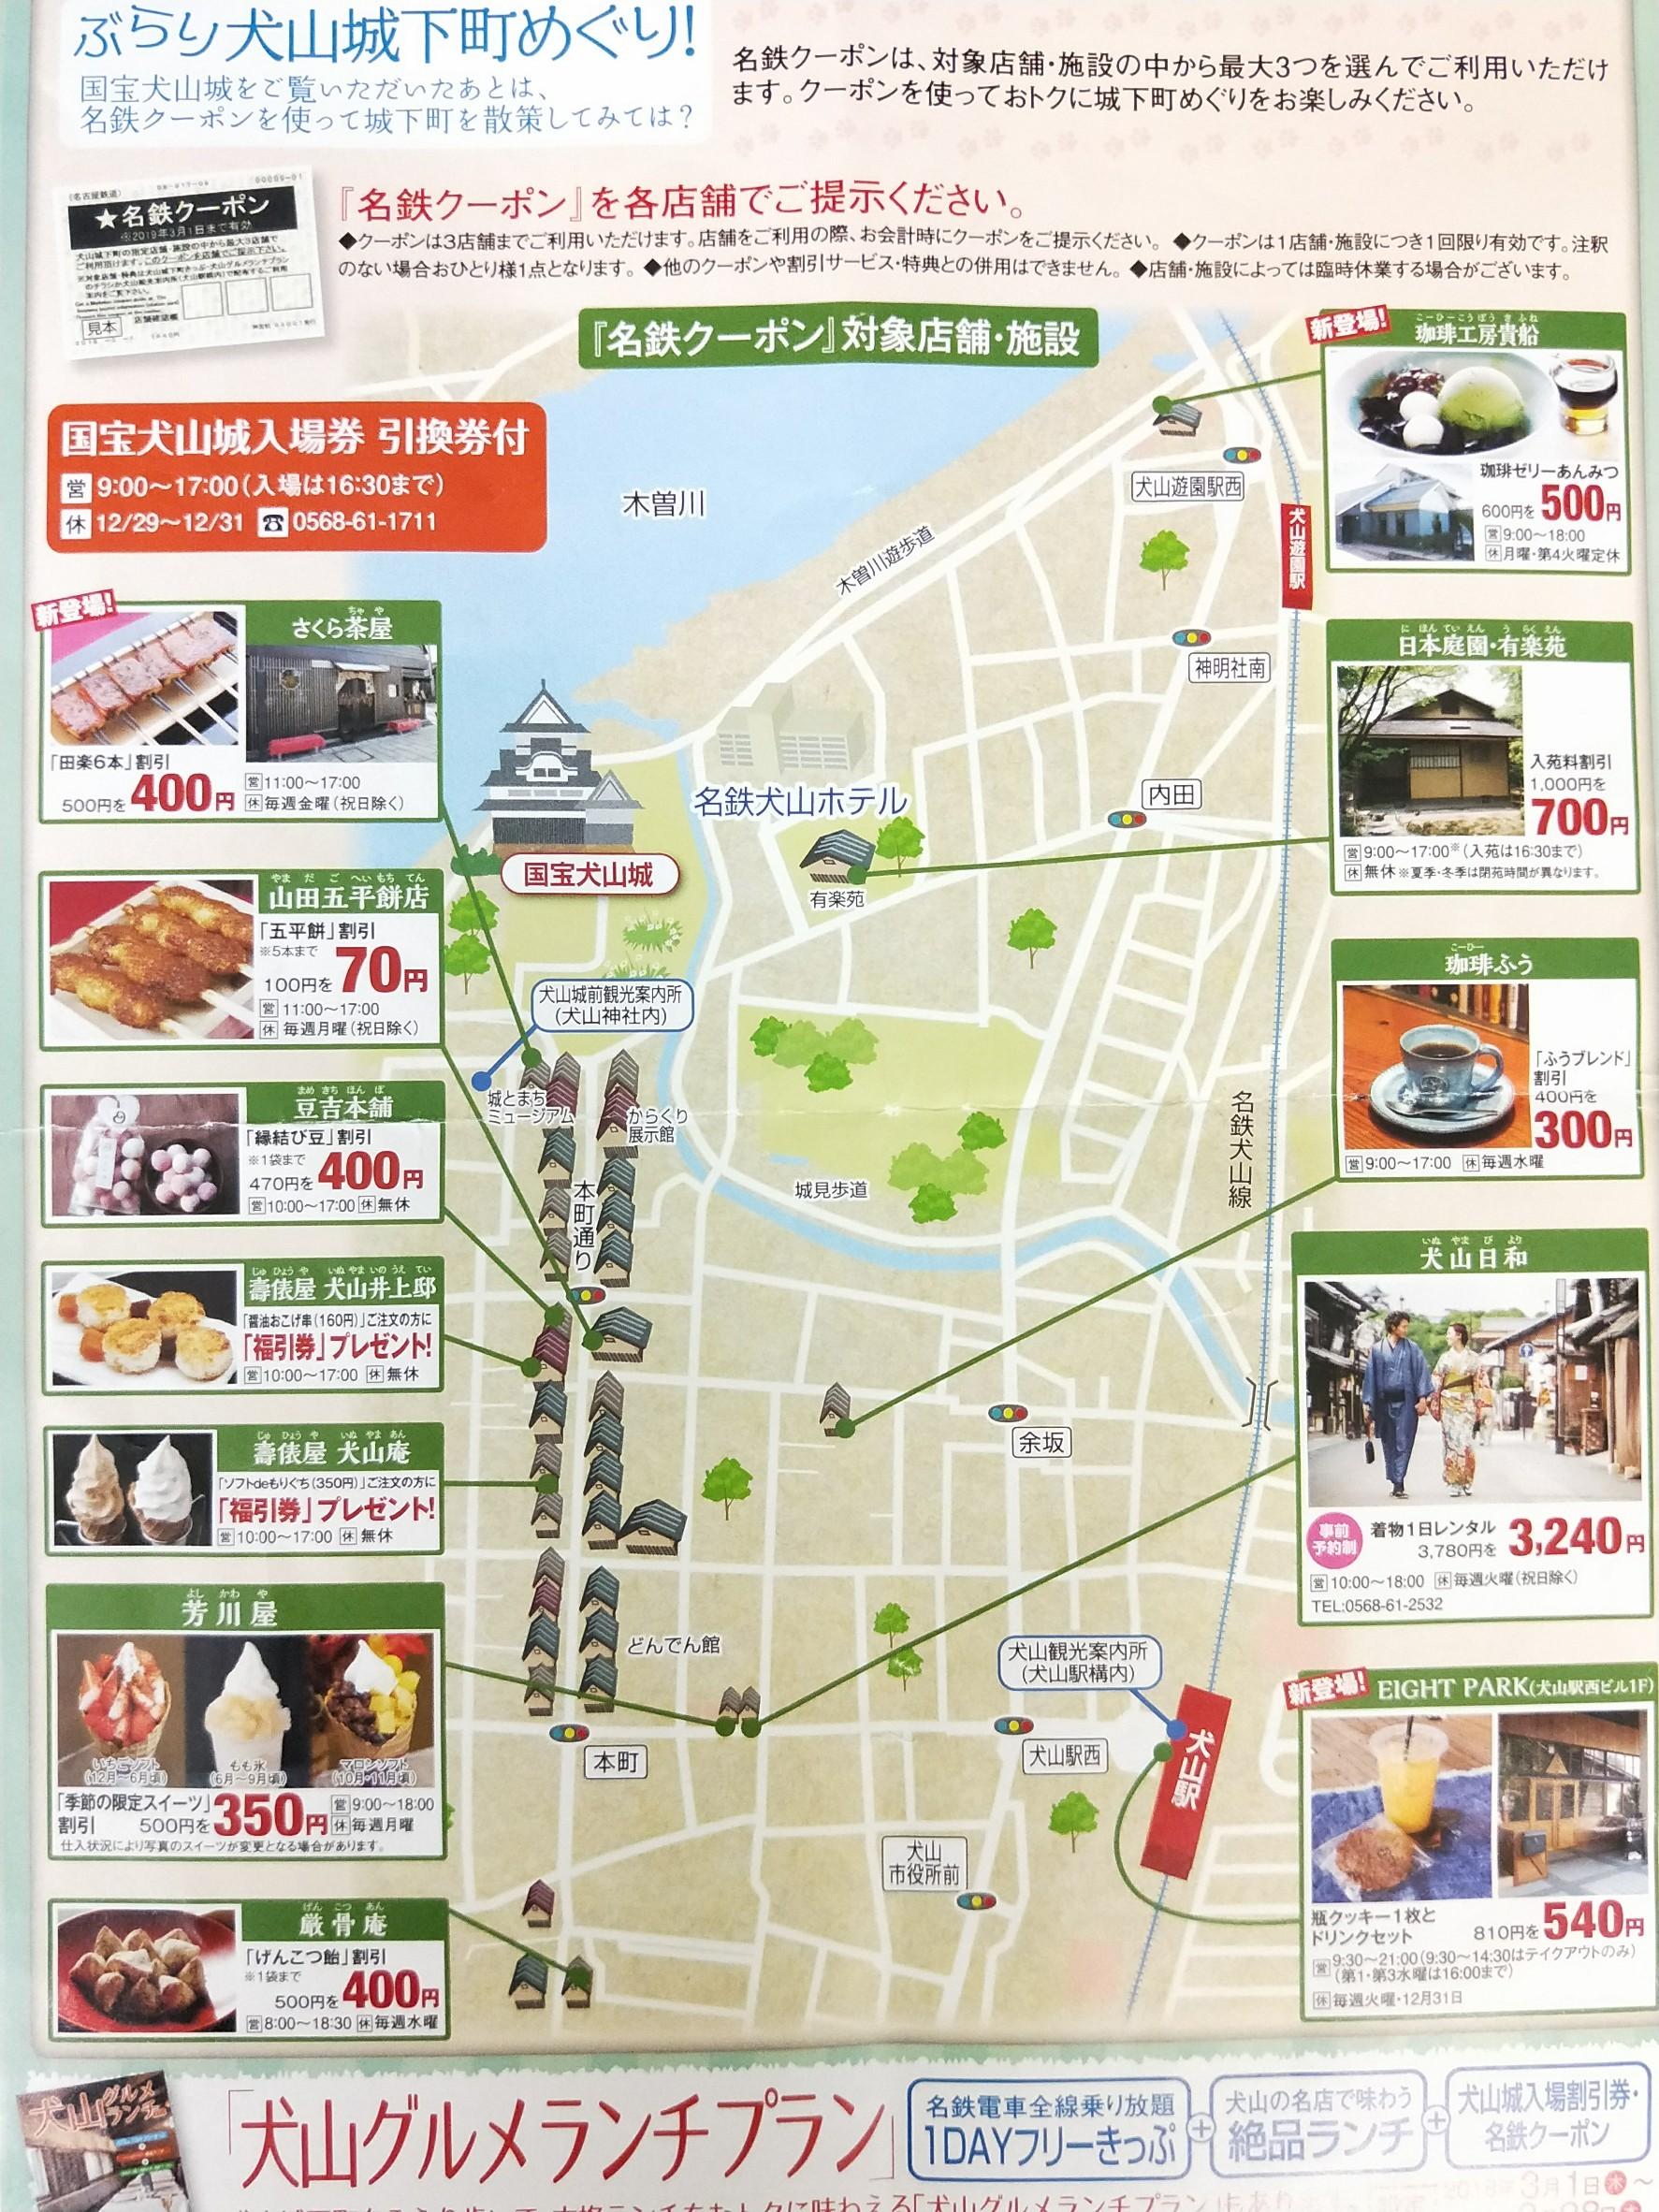 名古屋犬山城商店街地圖